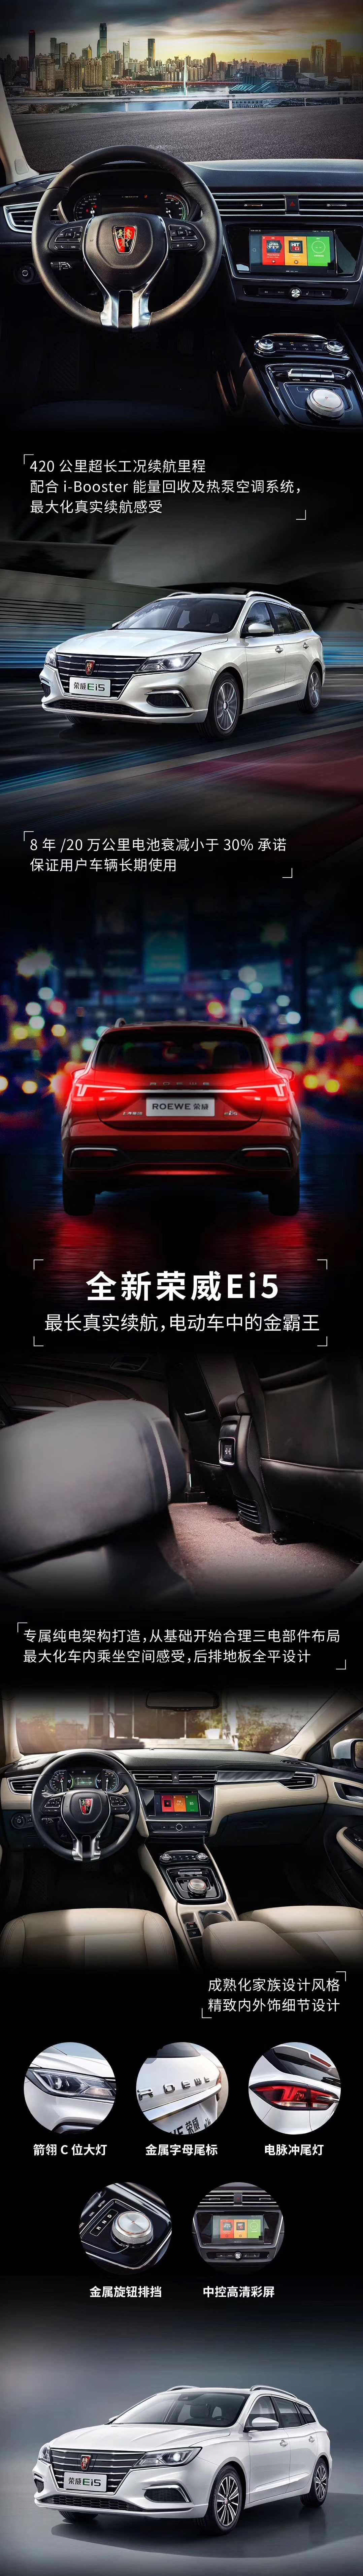 补贴后售12.88-15.88万 新款荣威Ei5上市